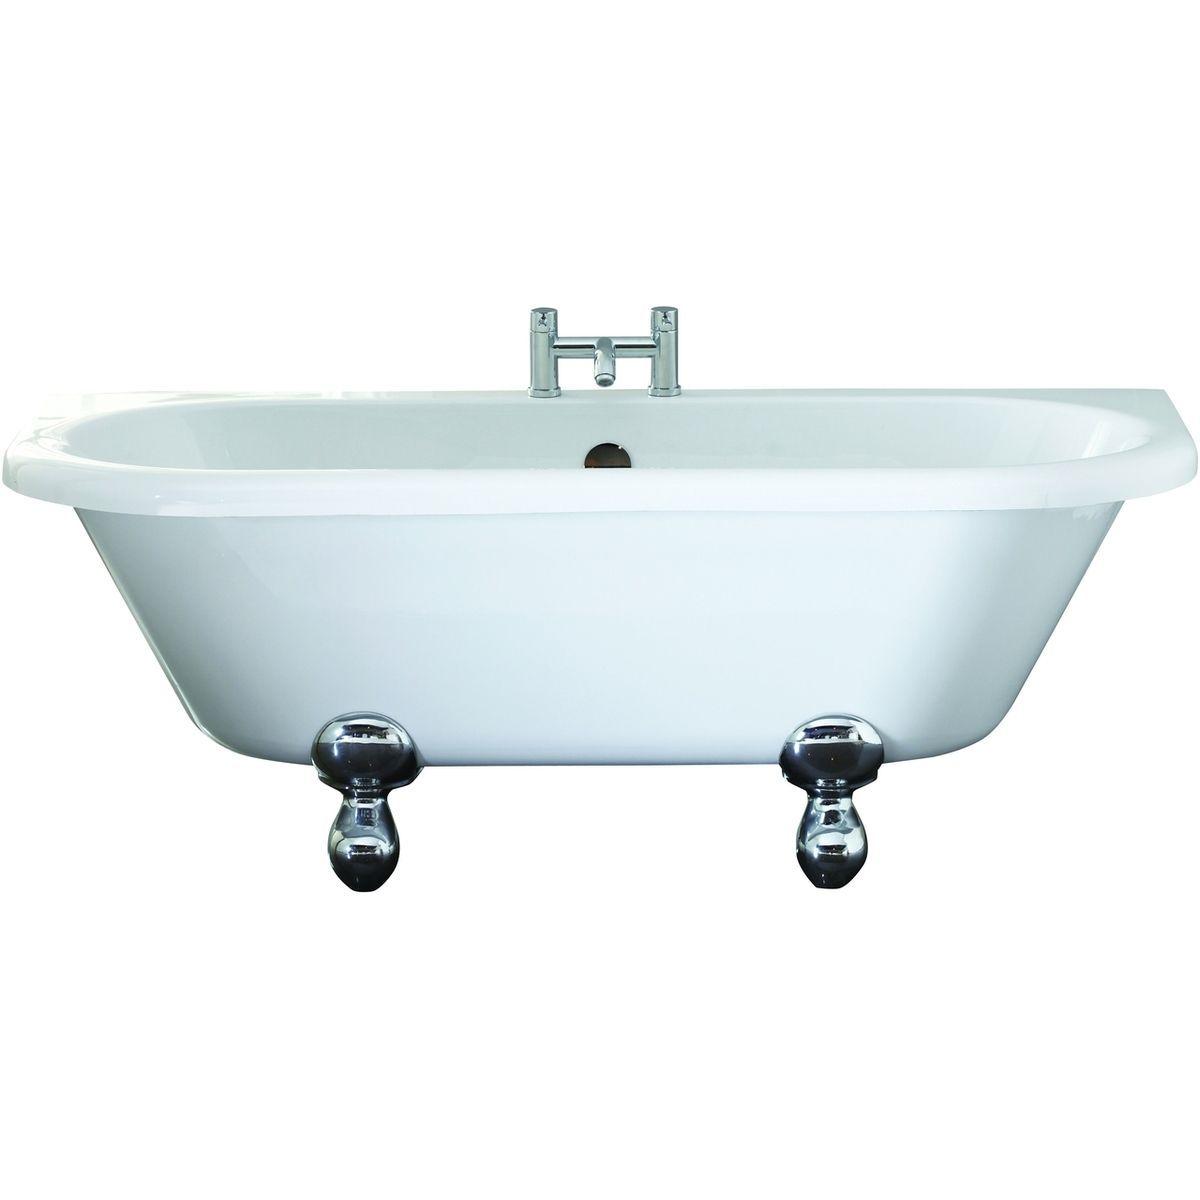 Holborn Kildwick 1700x750mm Freistehende Badewanne 1700x750mm Badewanne Freistehende Holborn Kildwick In 2020 Free Standing Bath Bath Ball Roll Top Bath